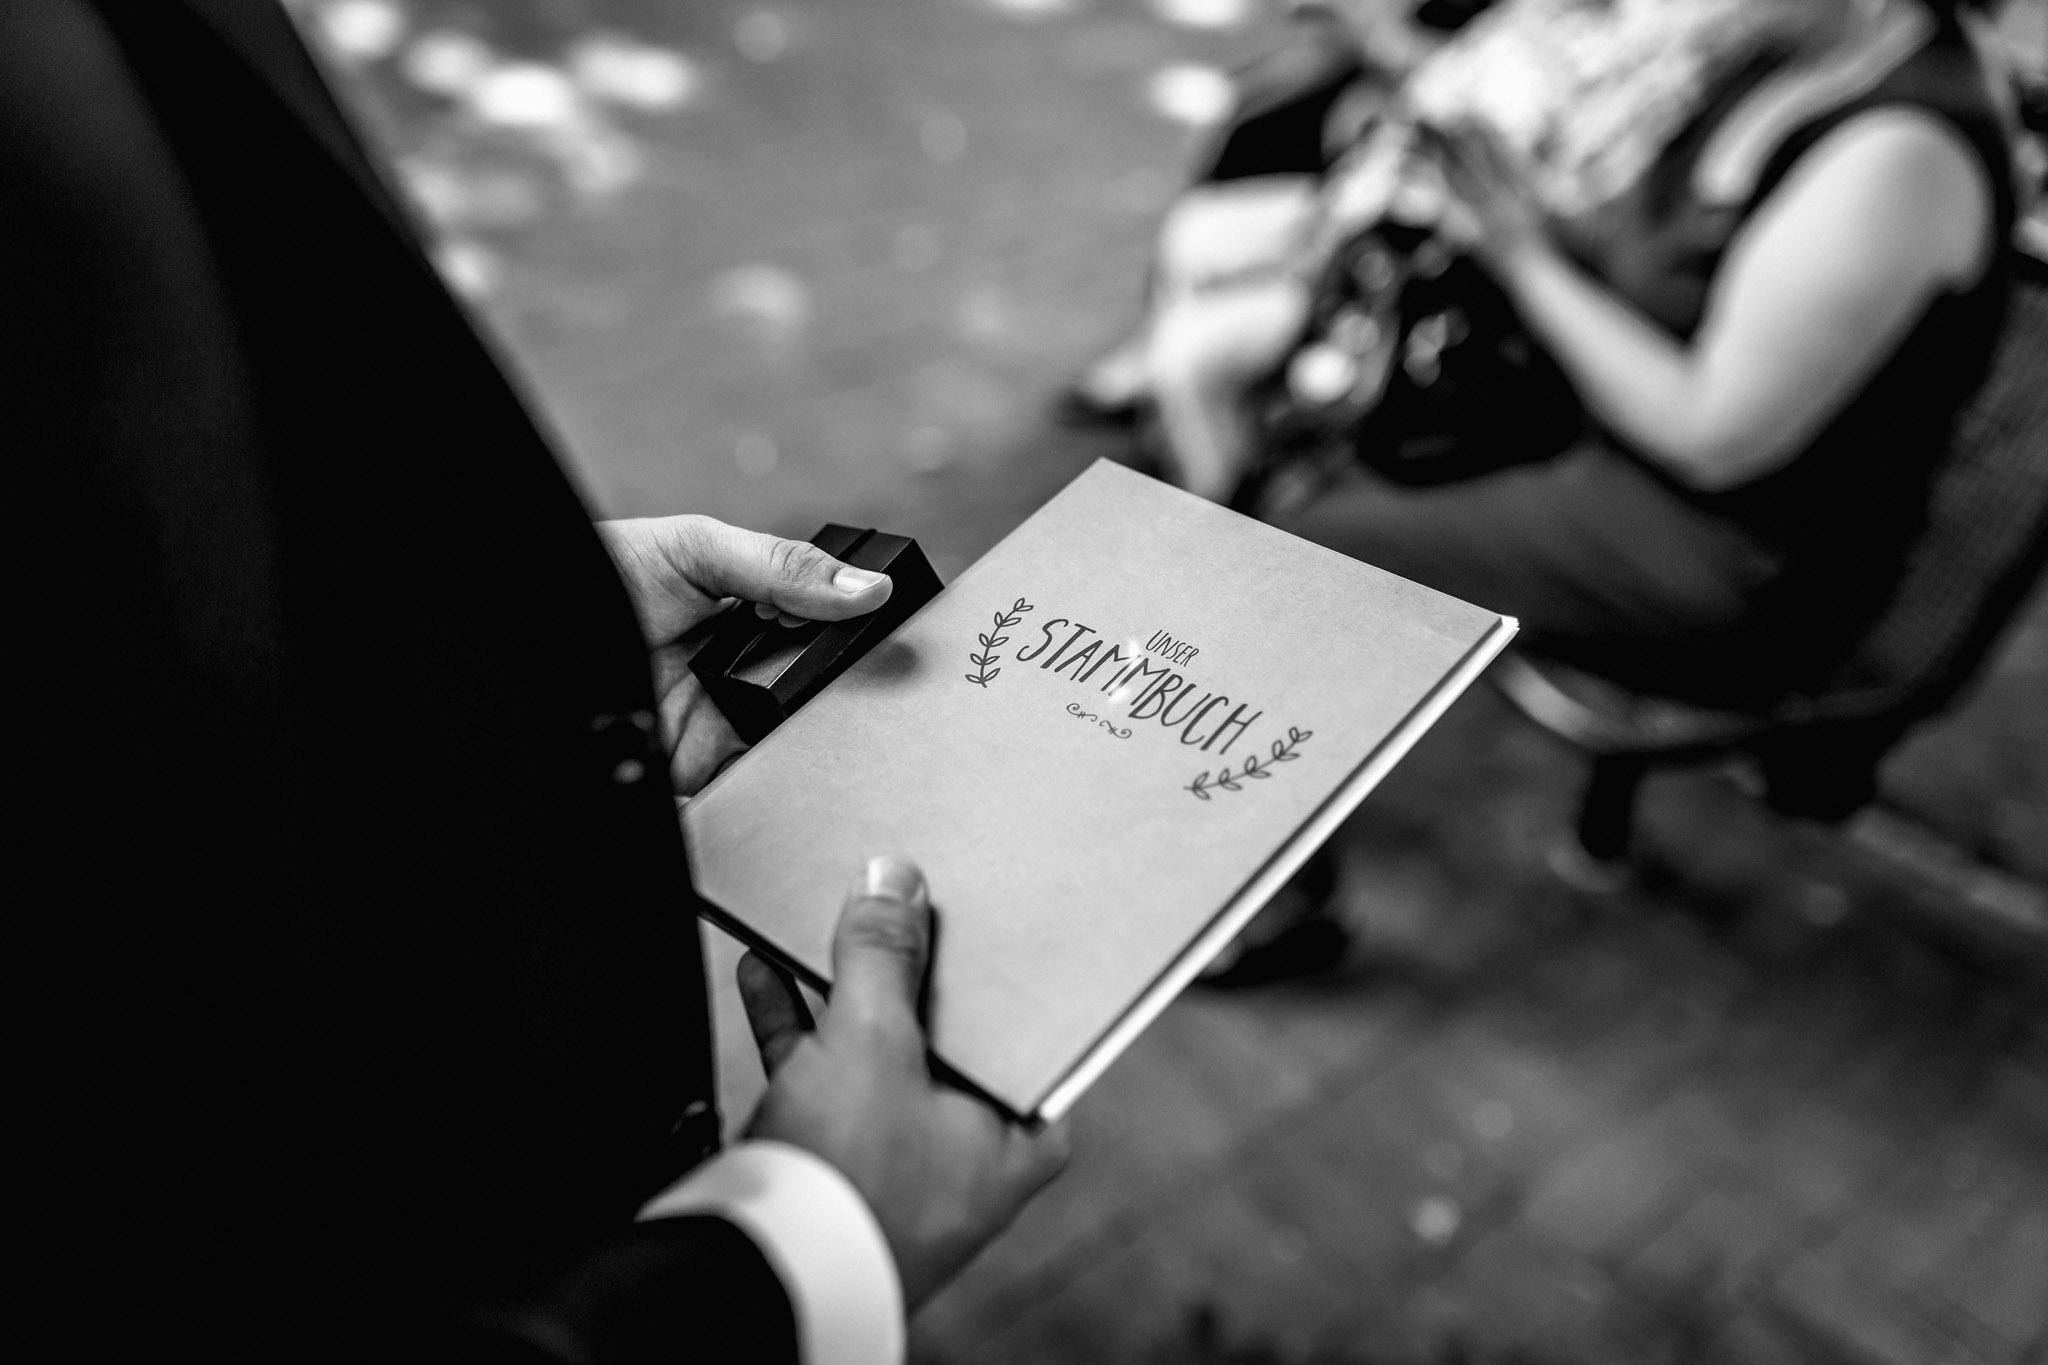 Sven Schomburg Hochzeitsfotografie, Hamburg, Mölln, Hochzeitsfieber by Photo-Schomburg, Hochzeitsreportage, Forsthaus Waldhusen, Braut, Bräutigam-9